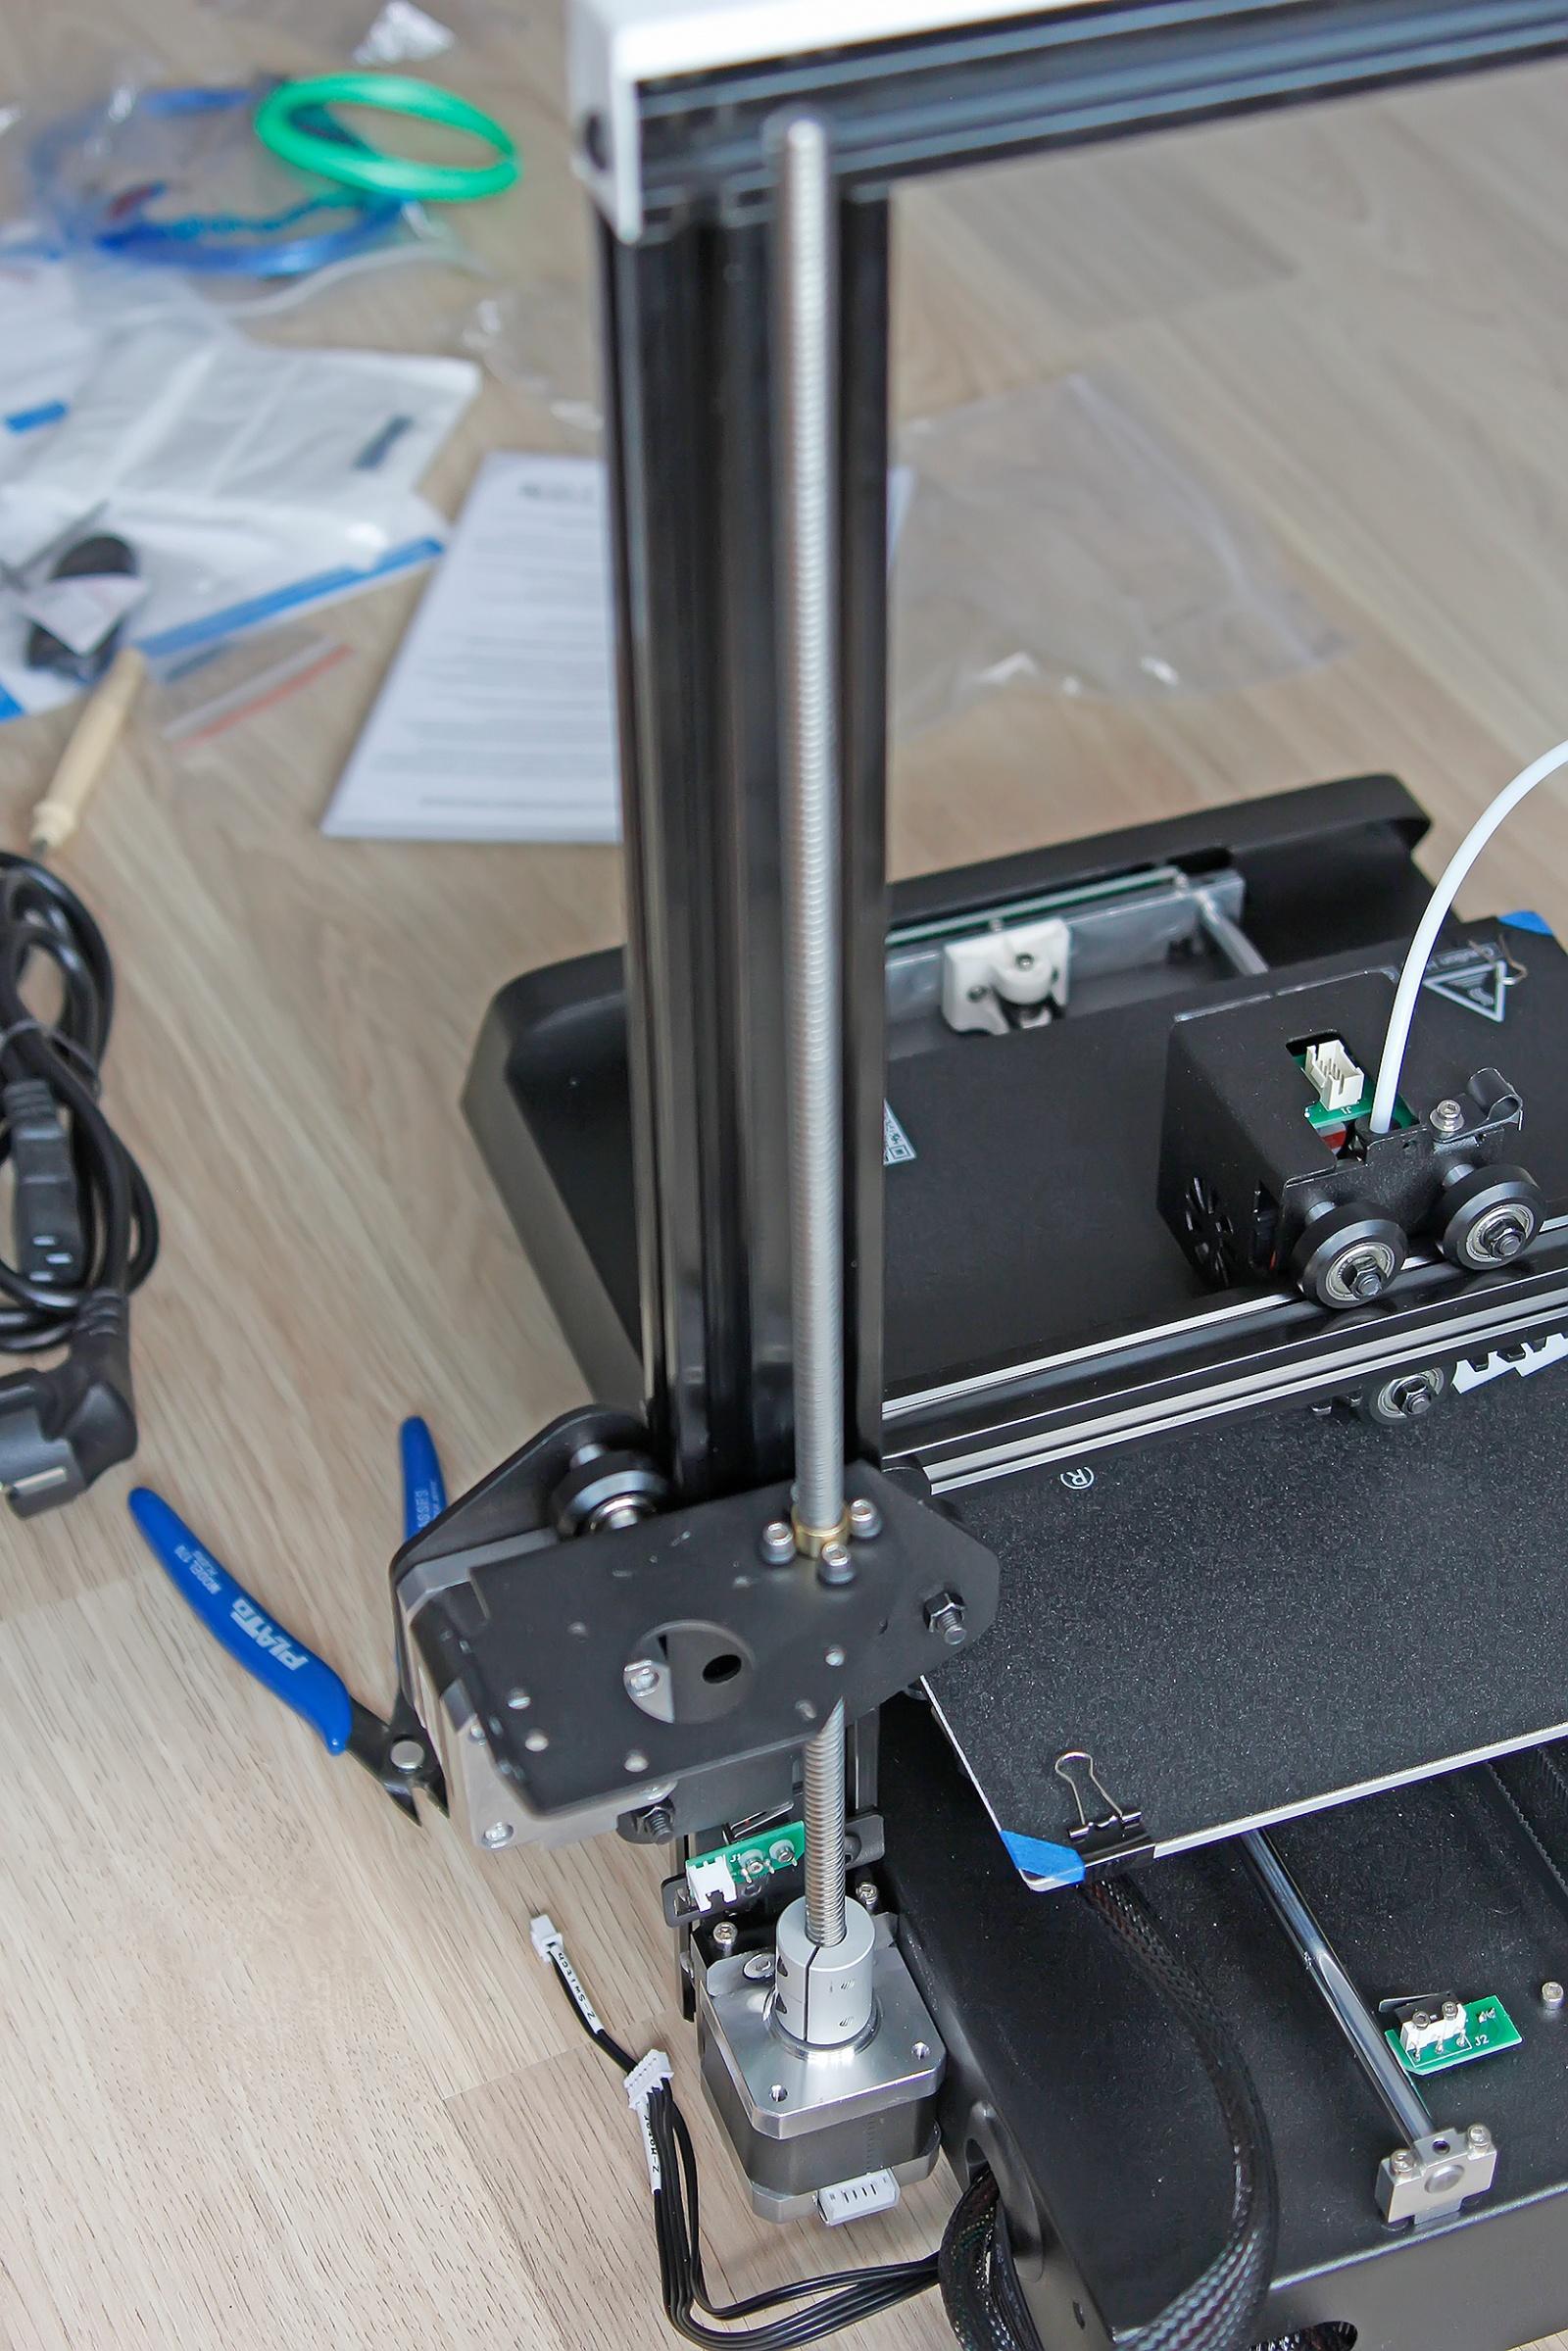 JG Maker — достойная альтернатива недорогим 3D-принтерам для начинающих - 33